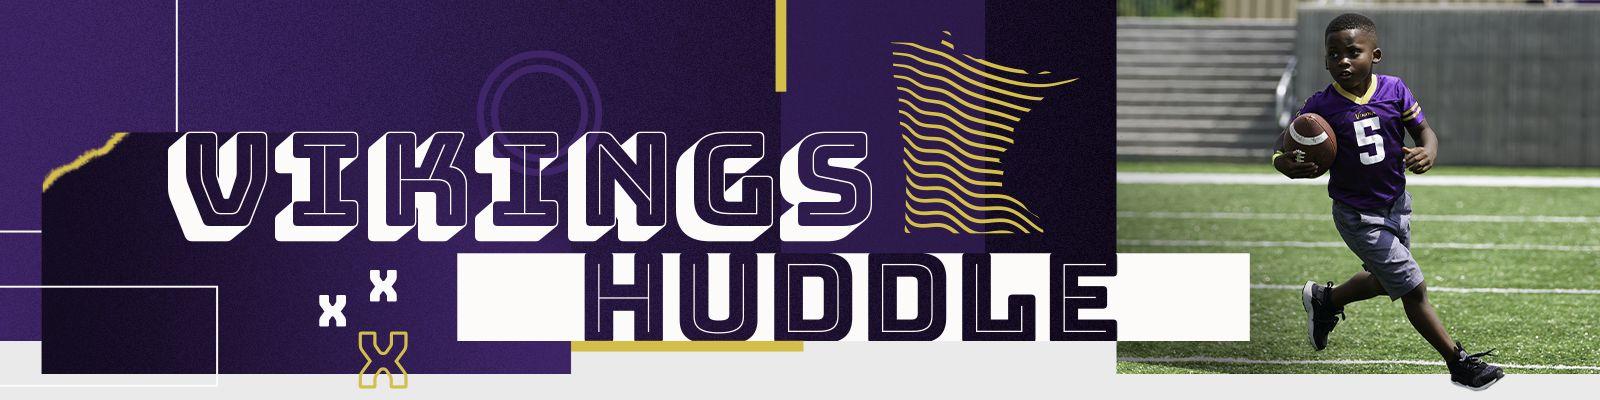 VikingsHuddle_Header_1600x400